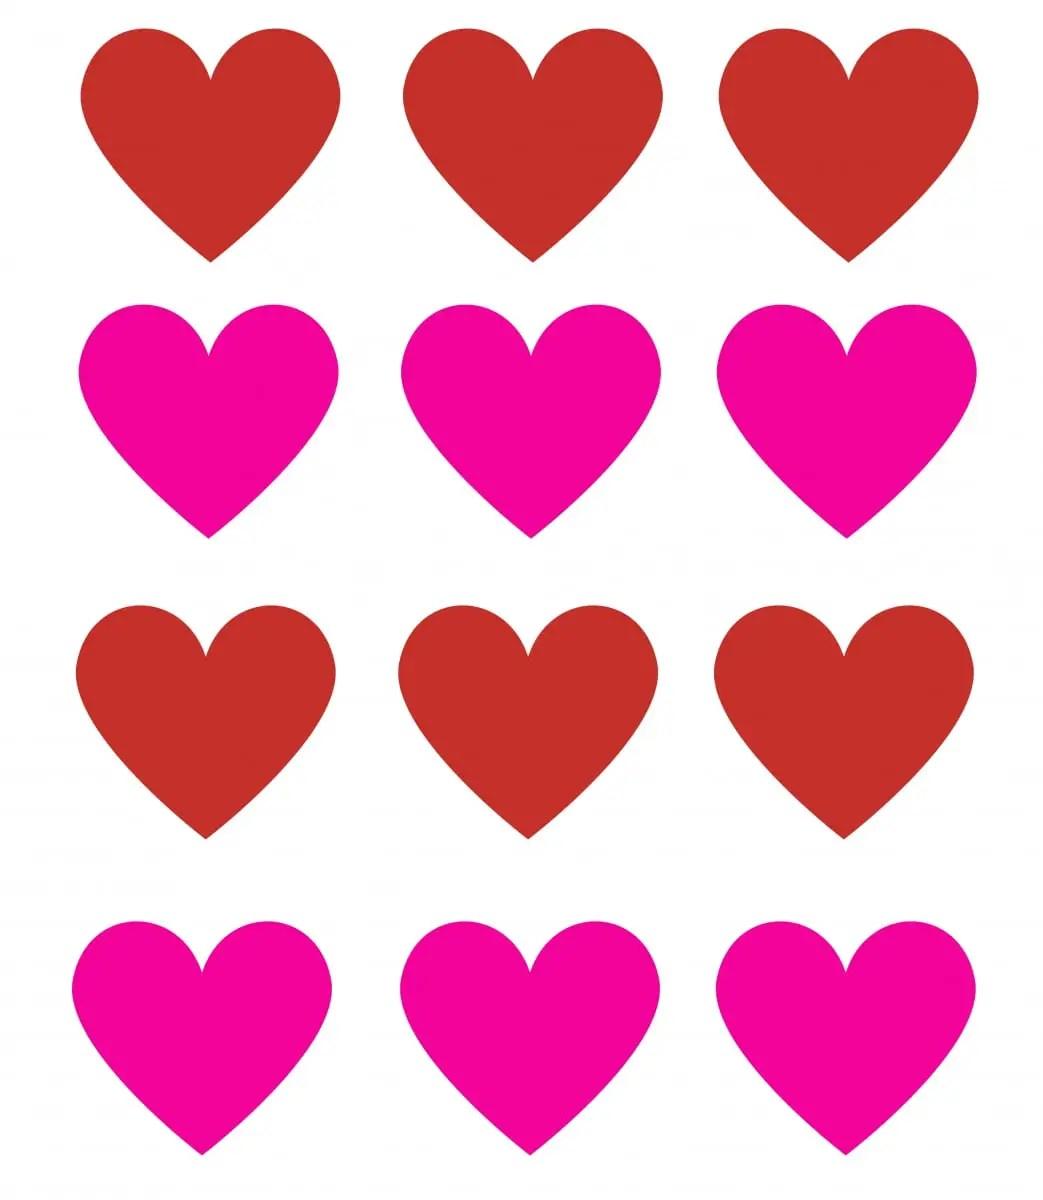 Flor de corazones para decorar tarjetas o regalos dale for Imagenes bonitas para decorar